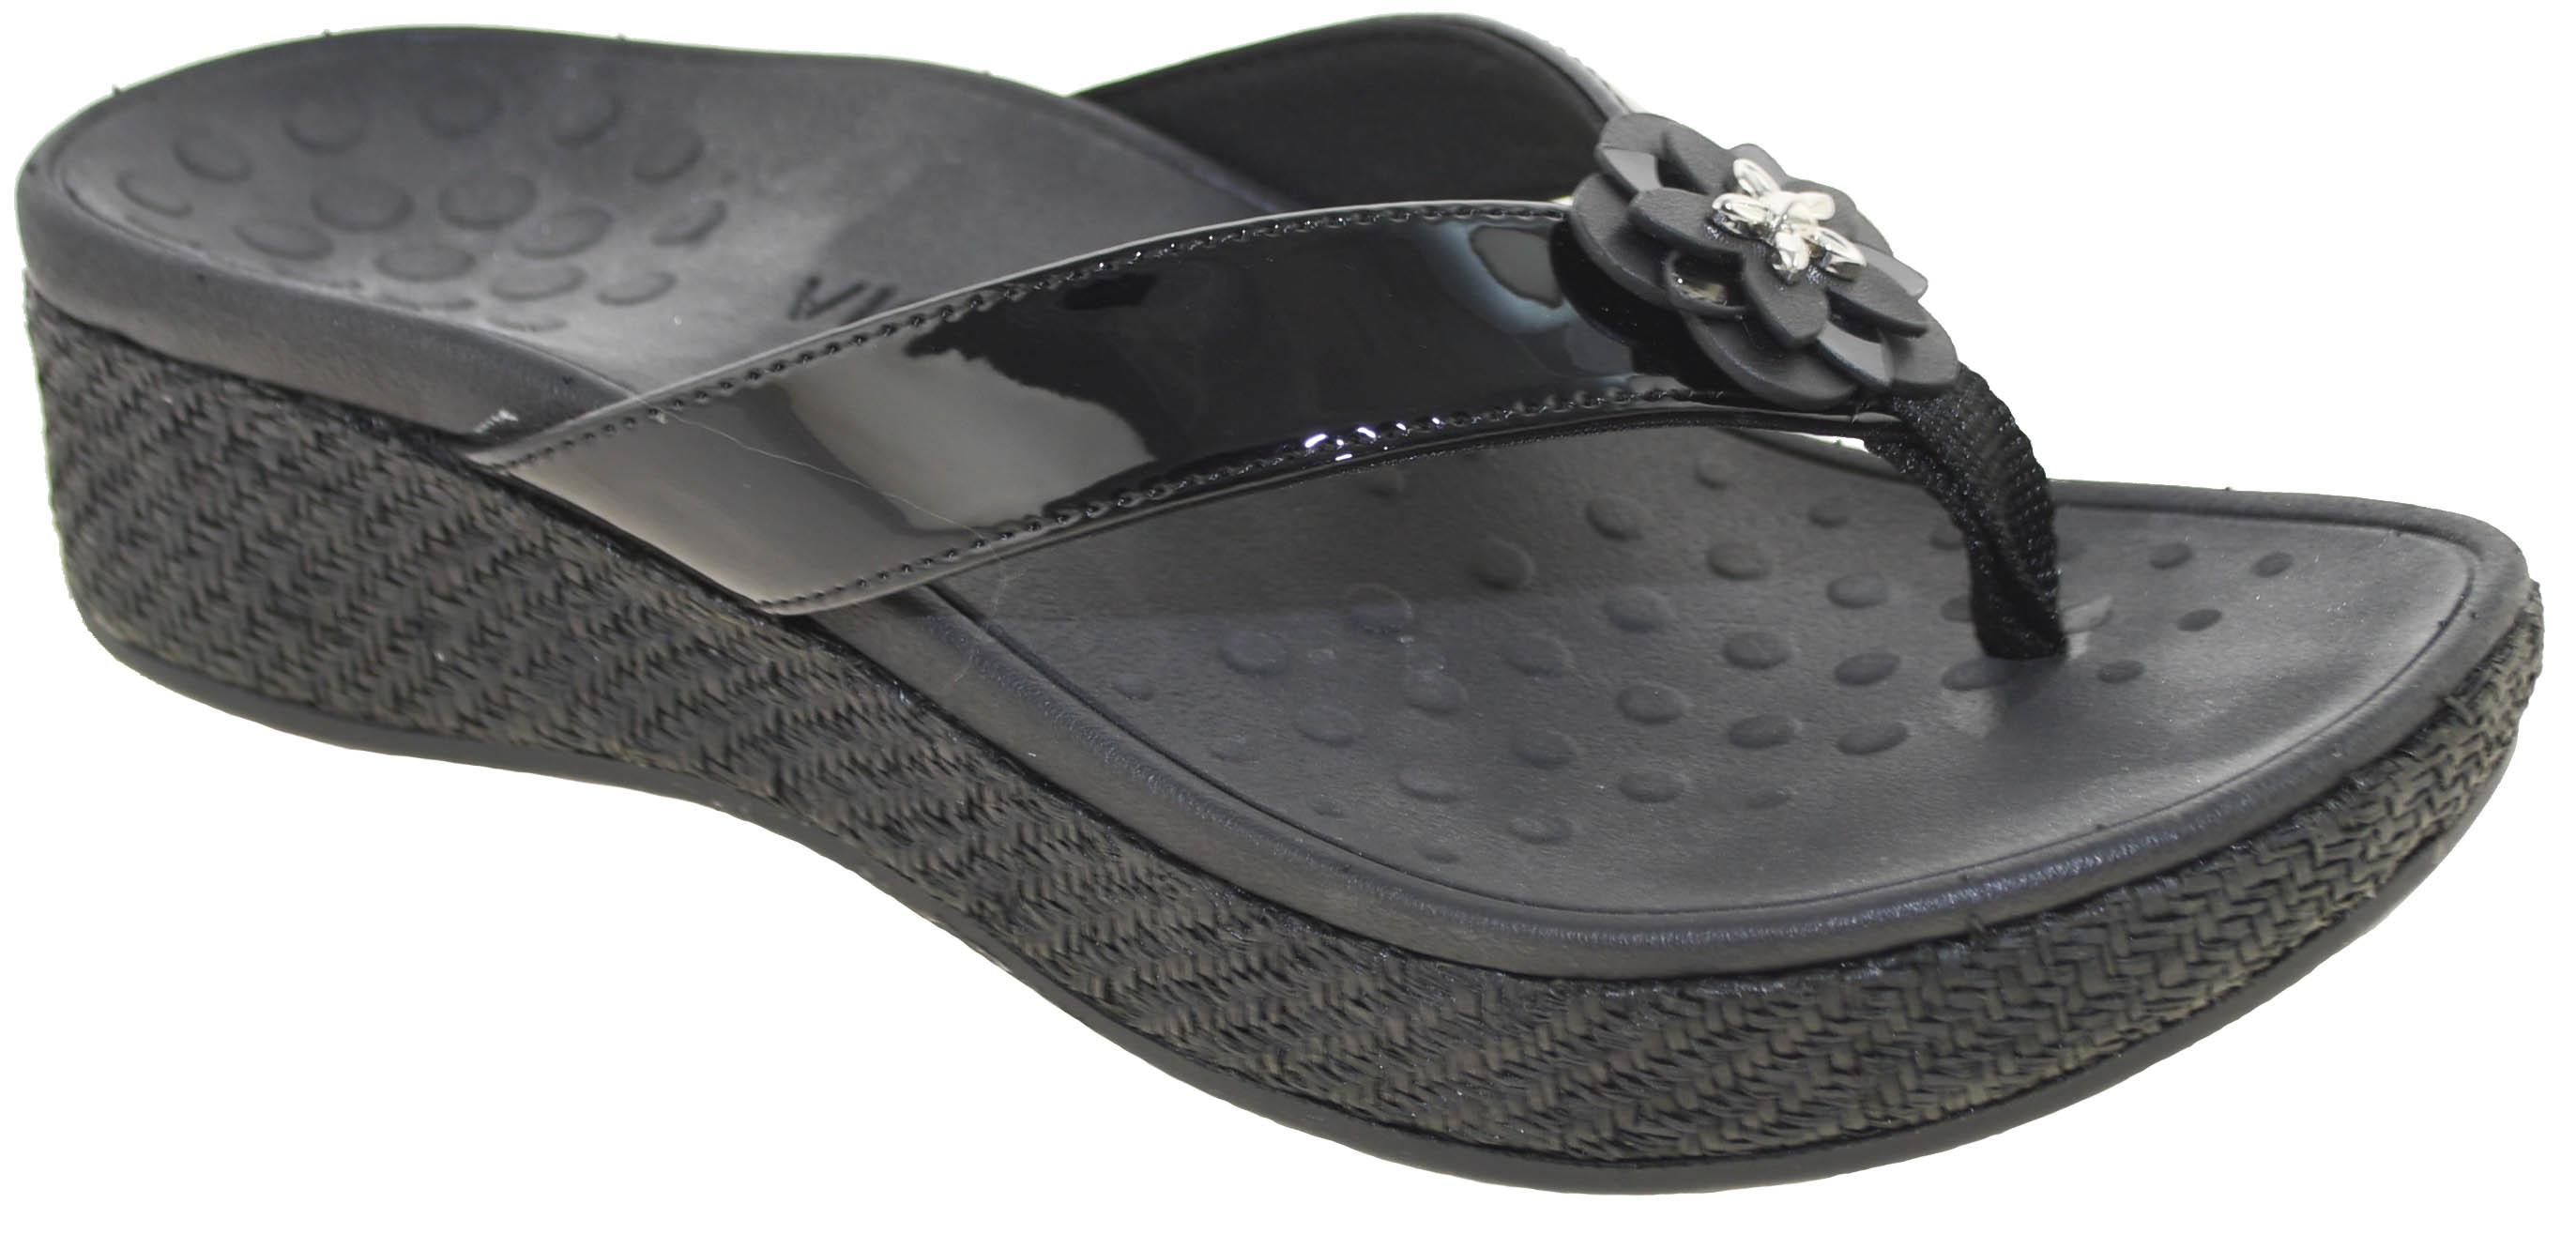 007ff14d7d72 Vionic Women s Pacific Mimi Platform Sandal Black